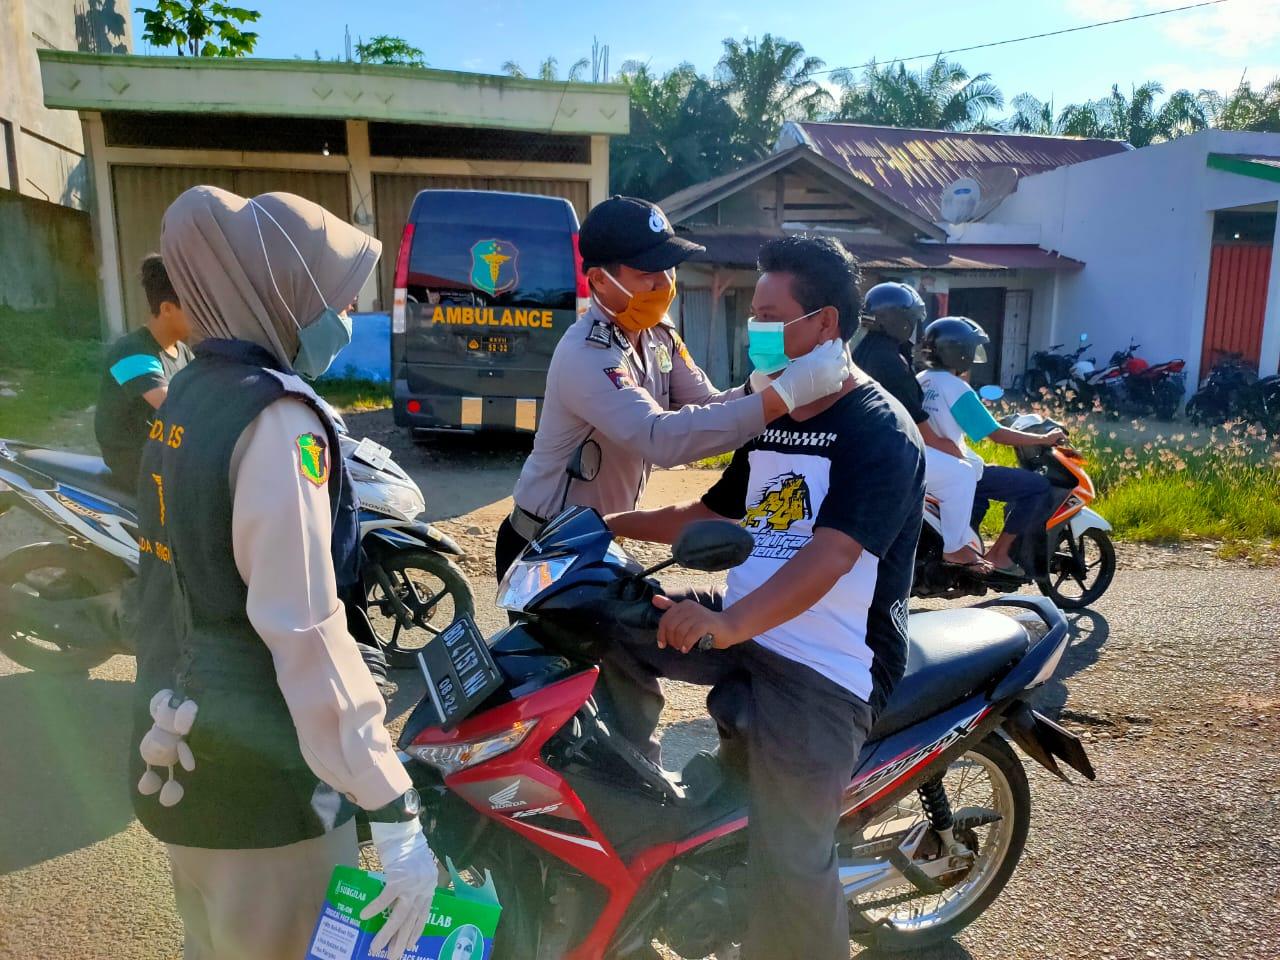 Tingkatkan Kesadaran Masyarakat, Polres Mukomuko Gelar Binluh Disertai Pembagian Masker